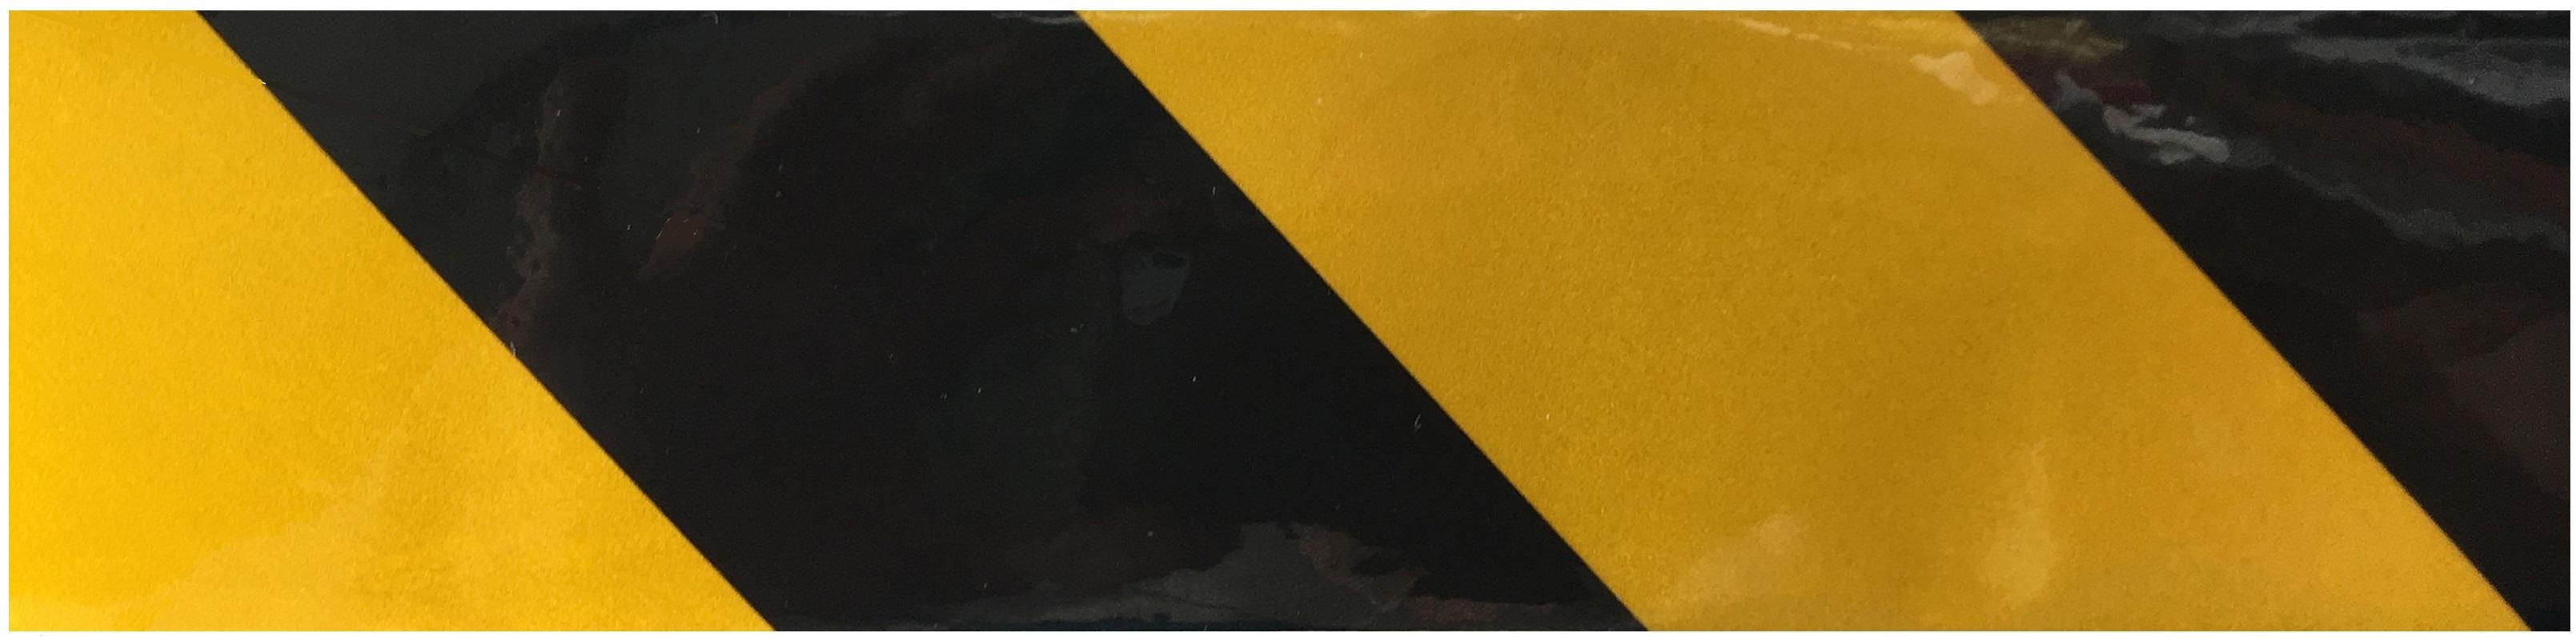 Bande réfléchissante jaune/noire DANGER